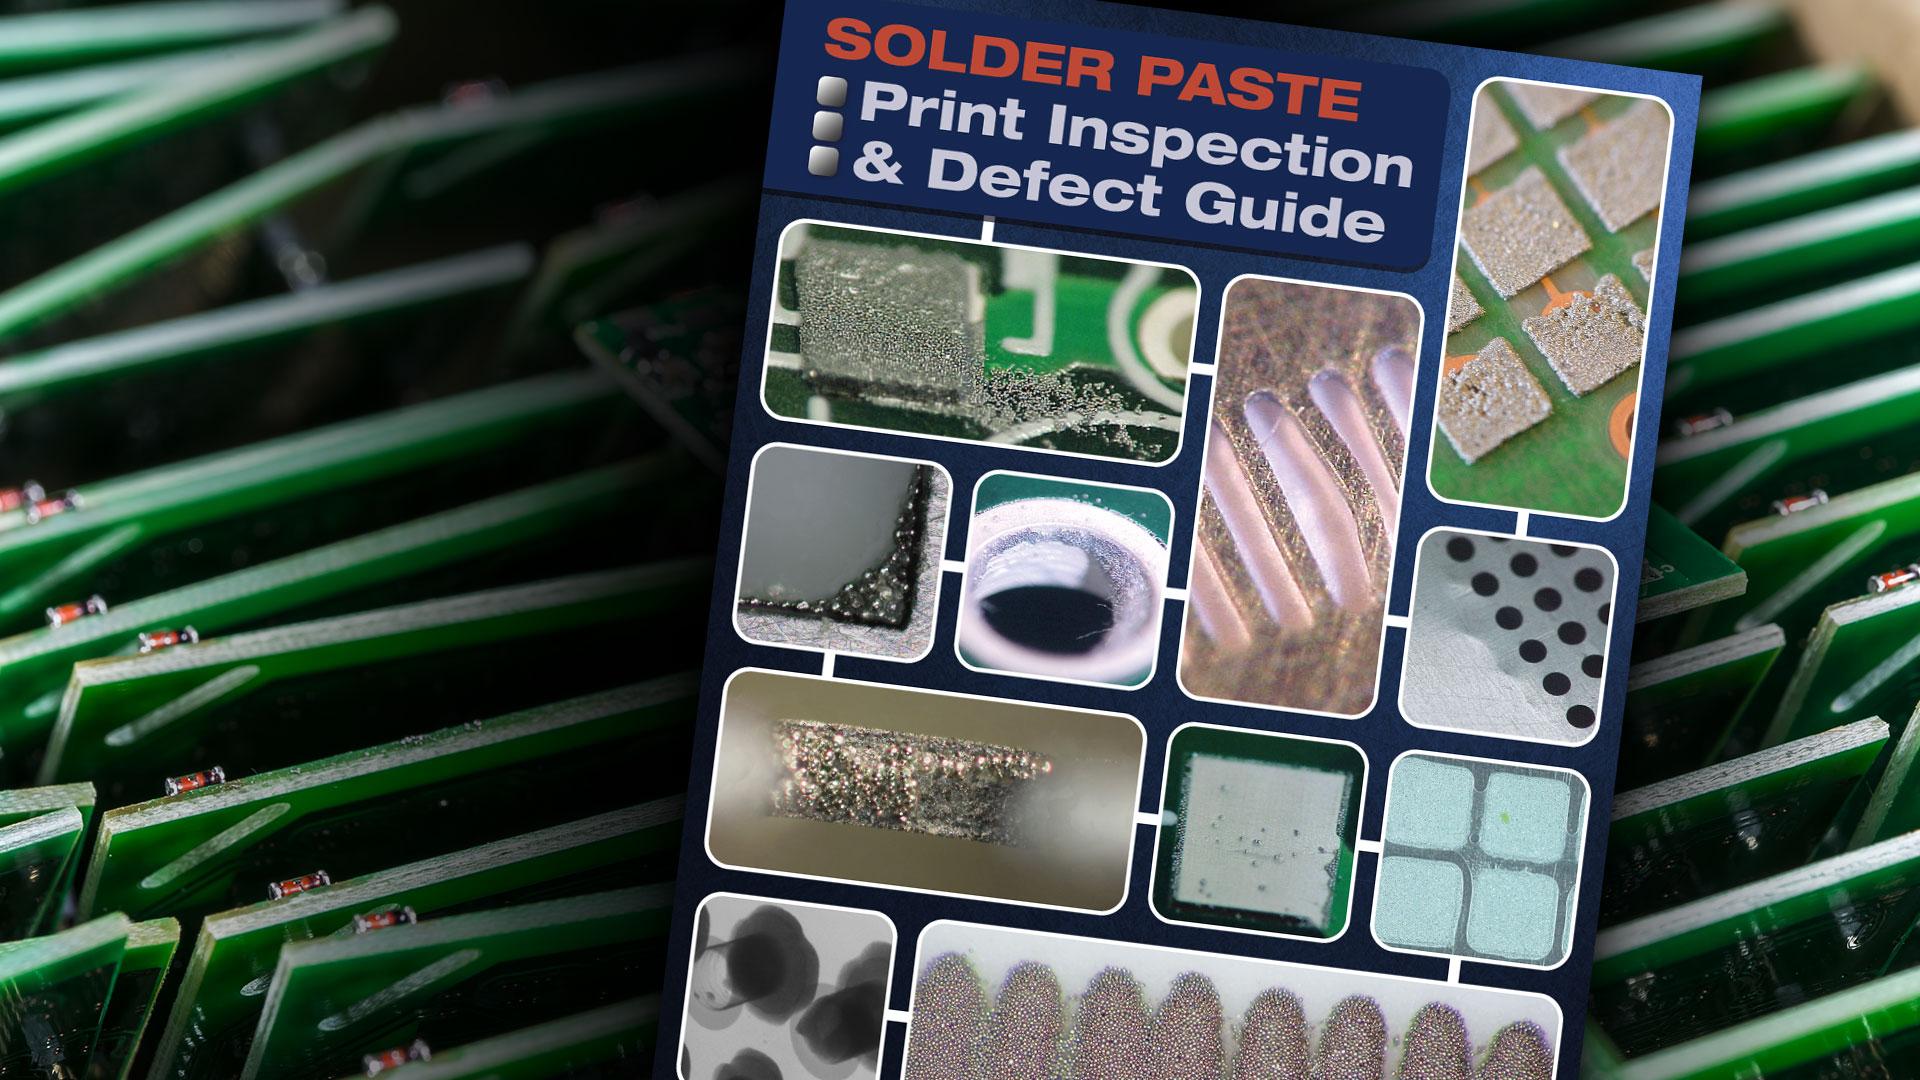 solder defect guide